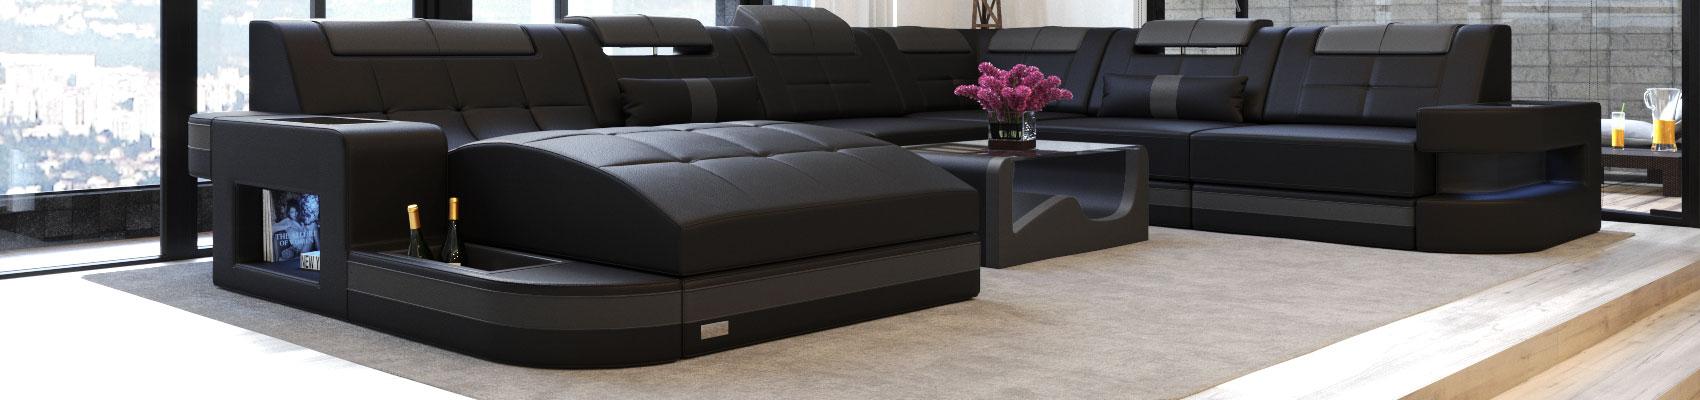 Attraktiv Wohnzimmermöbel Im Modernen Stil